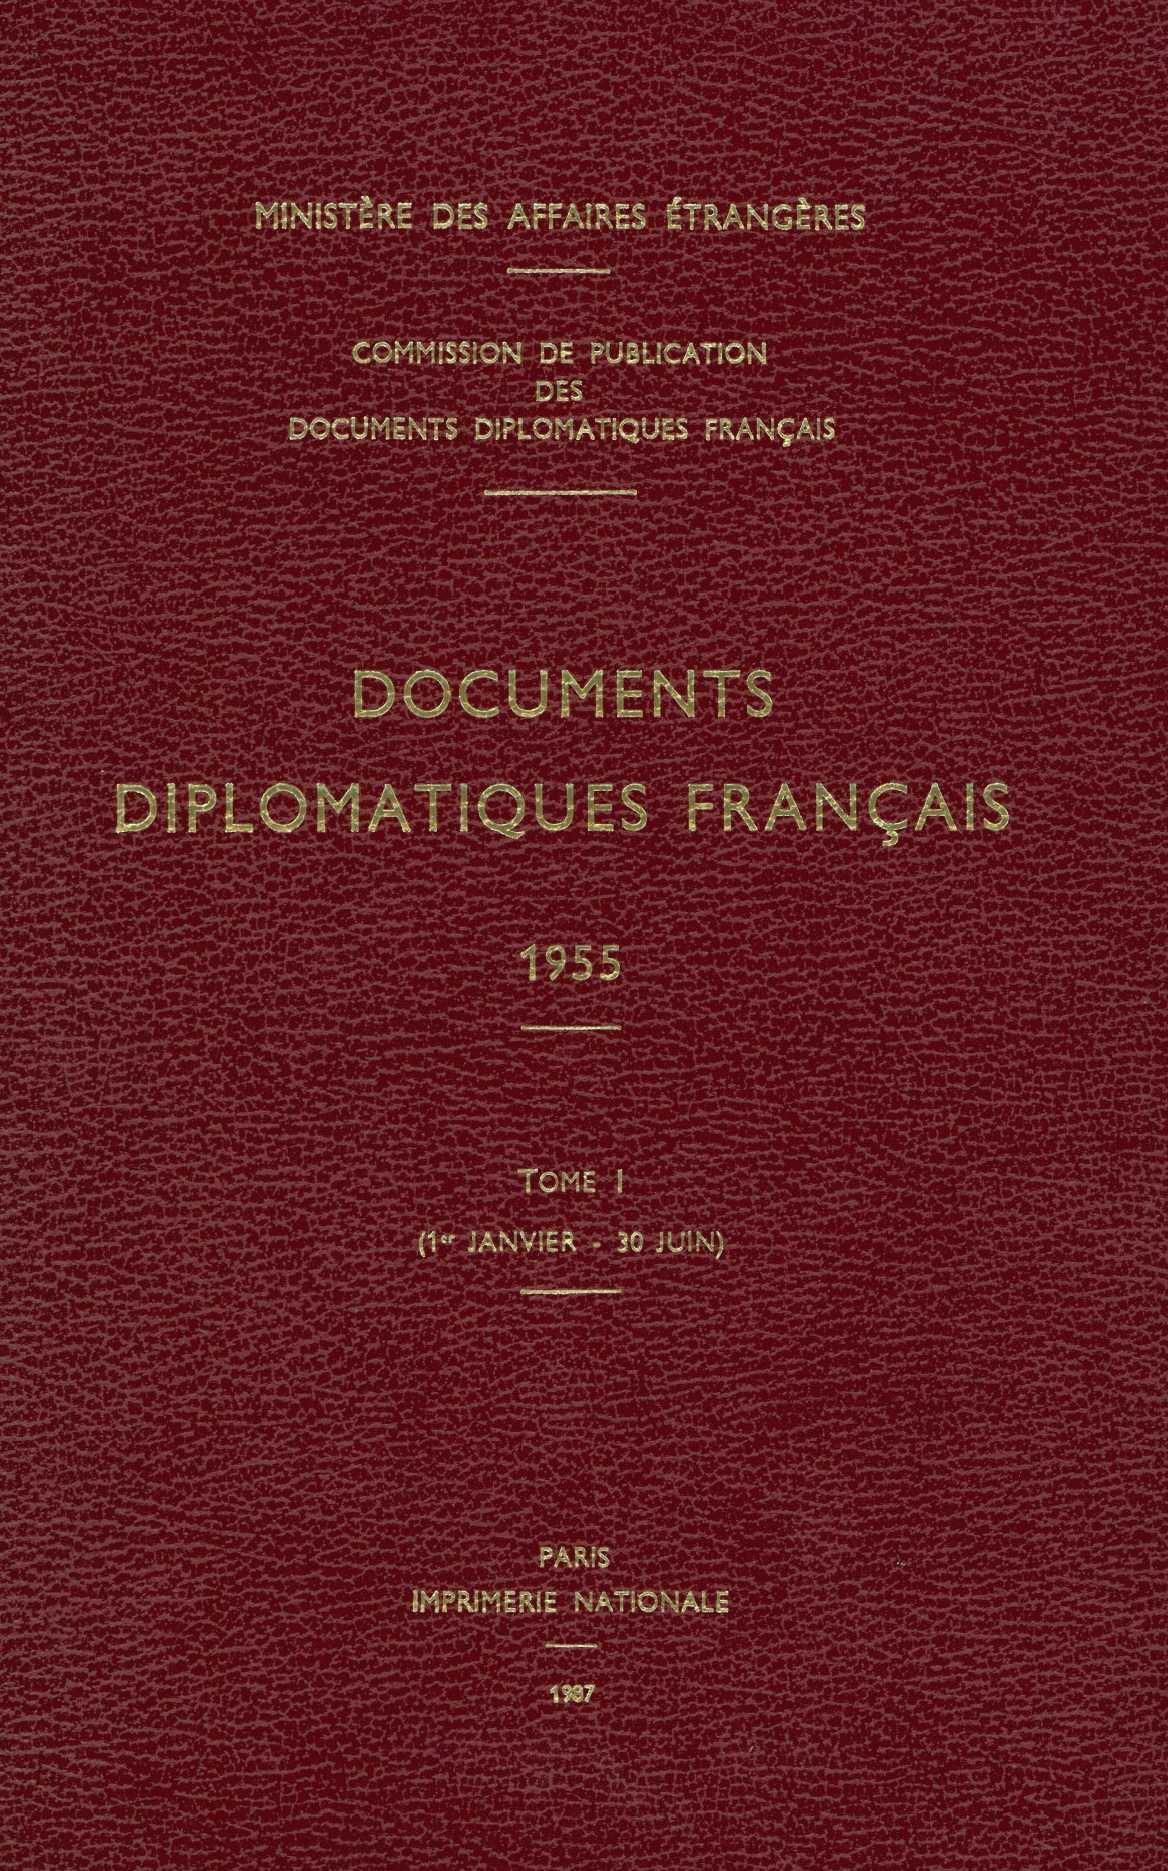 DOCUMENTS DIPLOMATIQUES FRANCAIS - 1955 - TOME I (1ER JANVIER - 30 JUIN)